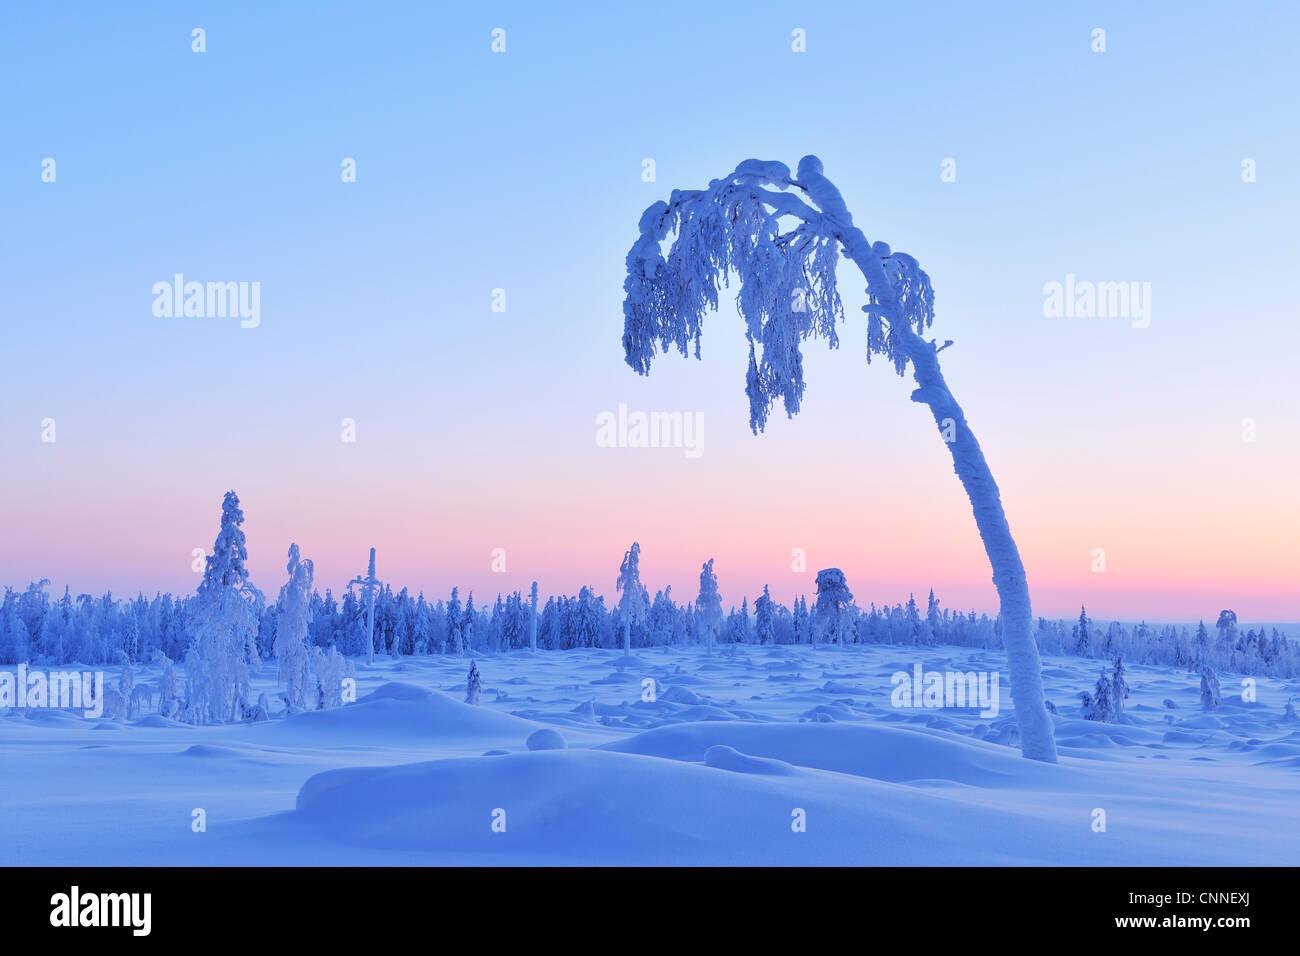 Árbol cubierto de nieve al atardecer, Nissi, Ostrobotnia Septentrional, Finlandia Foto de stock